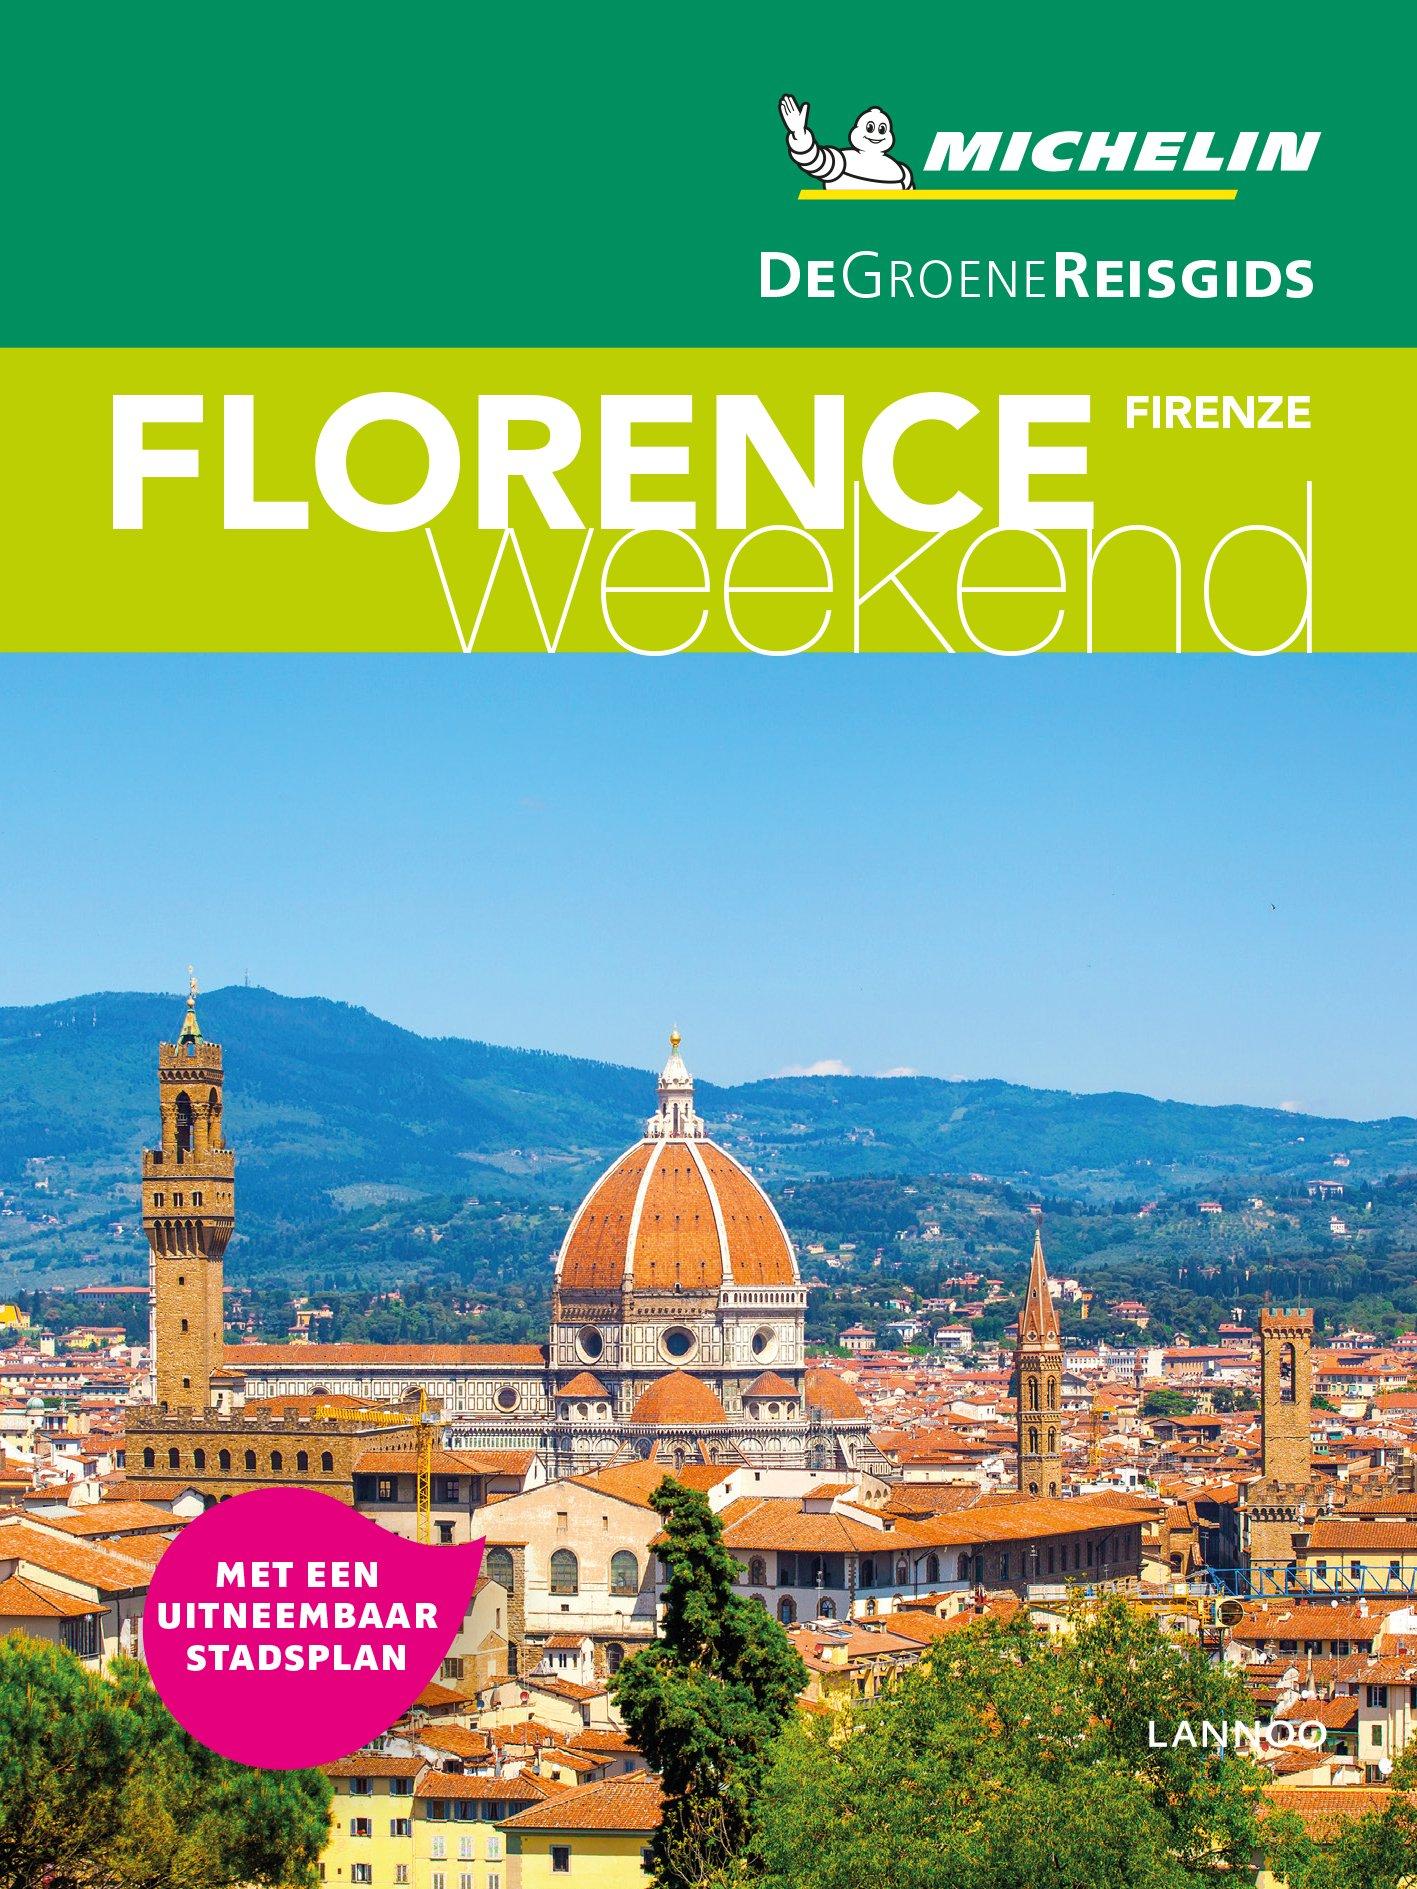 Michelin Groene Reisgids Weekend Florence 9789401457316  Michelin Michelin Groene Gids Weekend  Reisgidsen Toscane, Florence